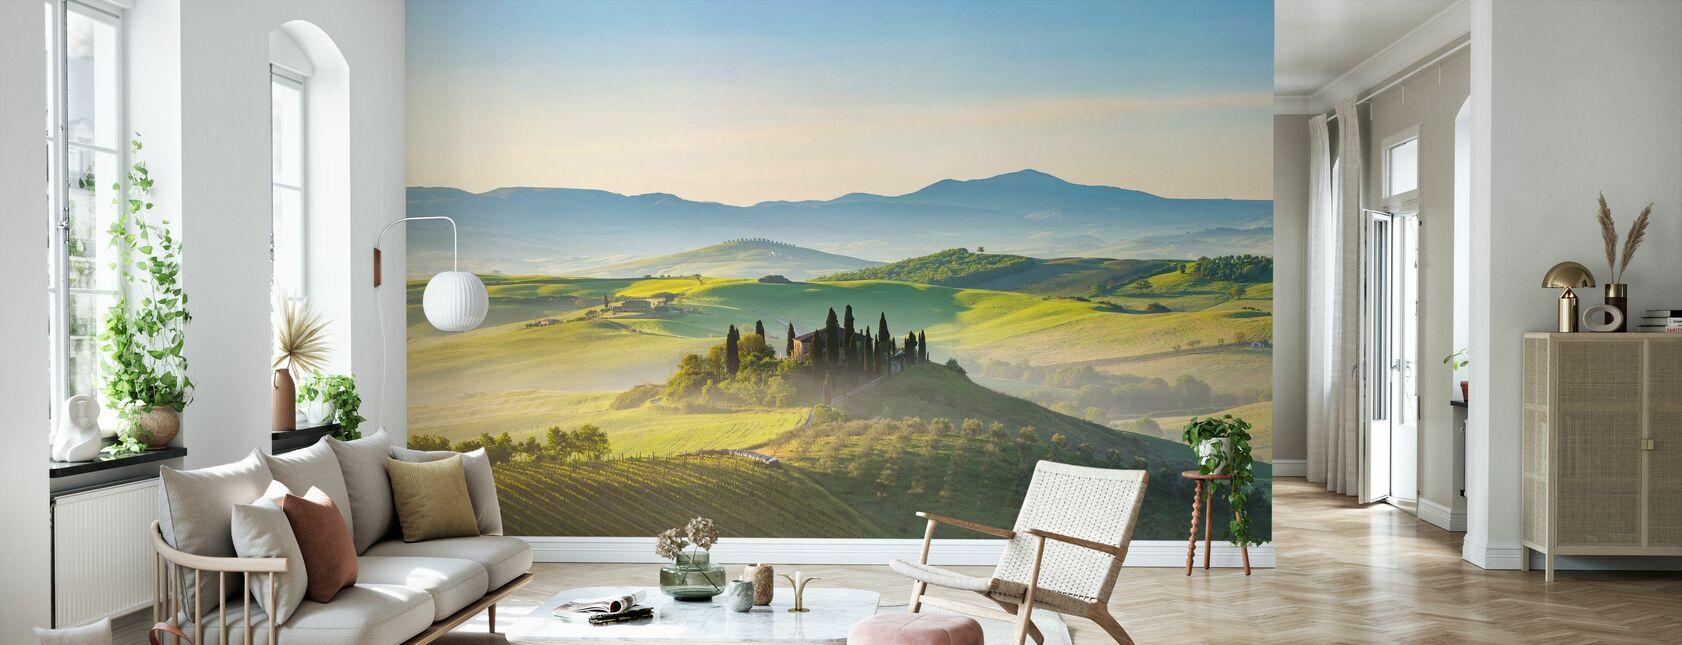 Toscana på våren morgon - Tapet - Vardagsrum